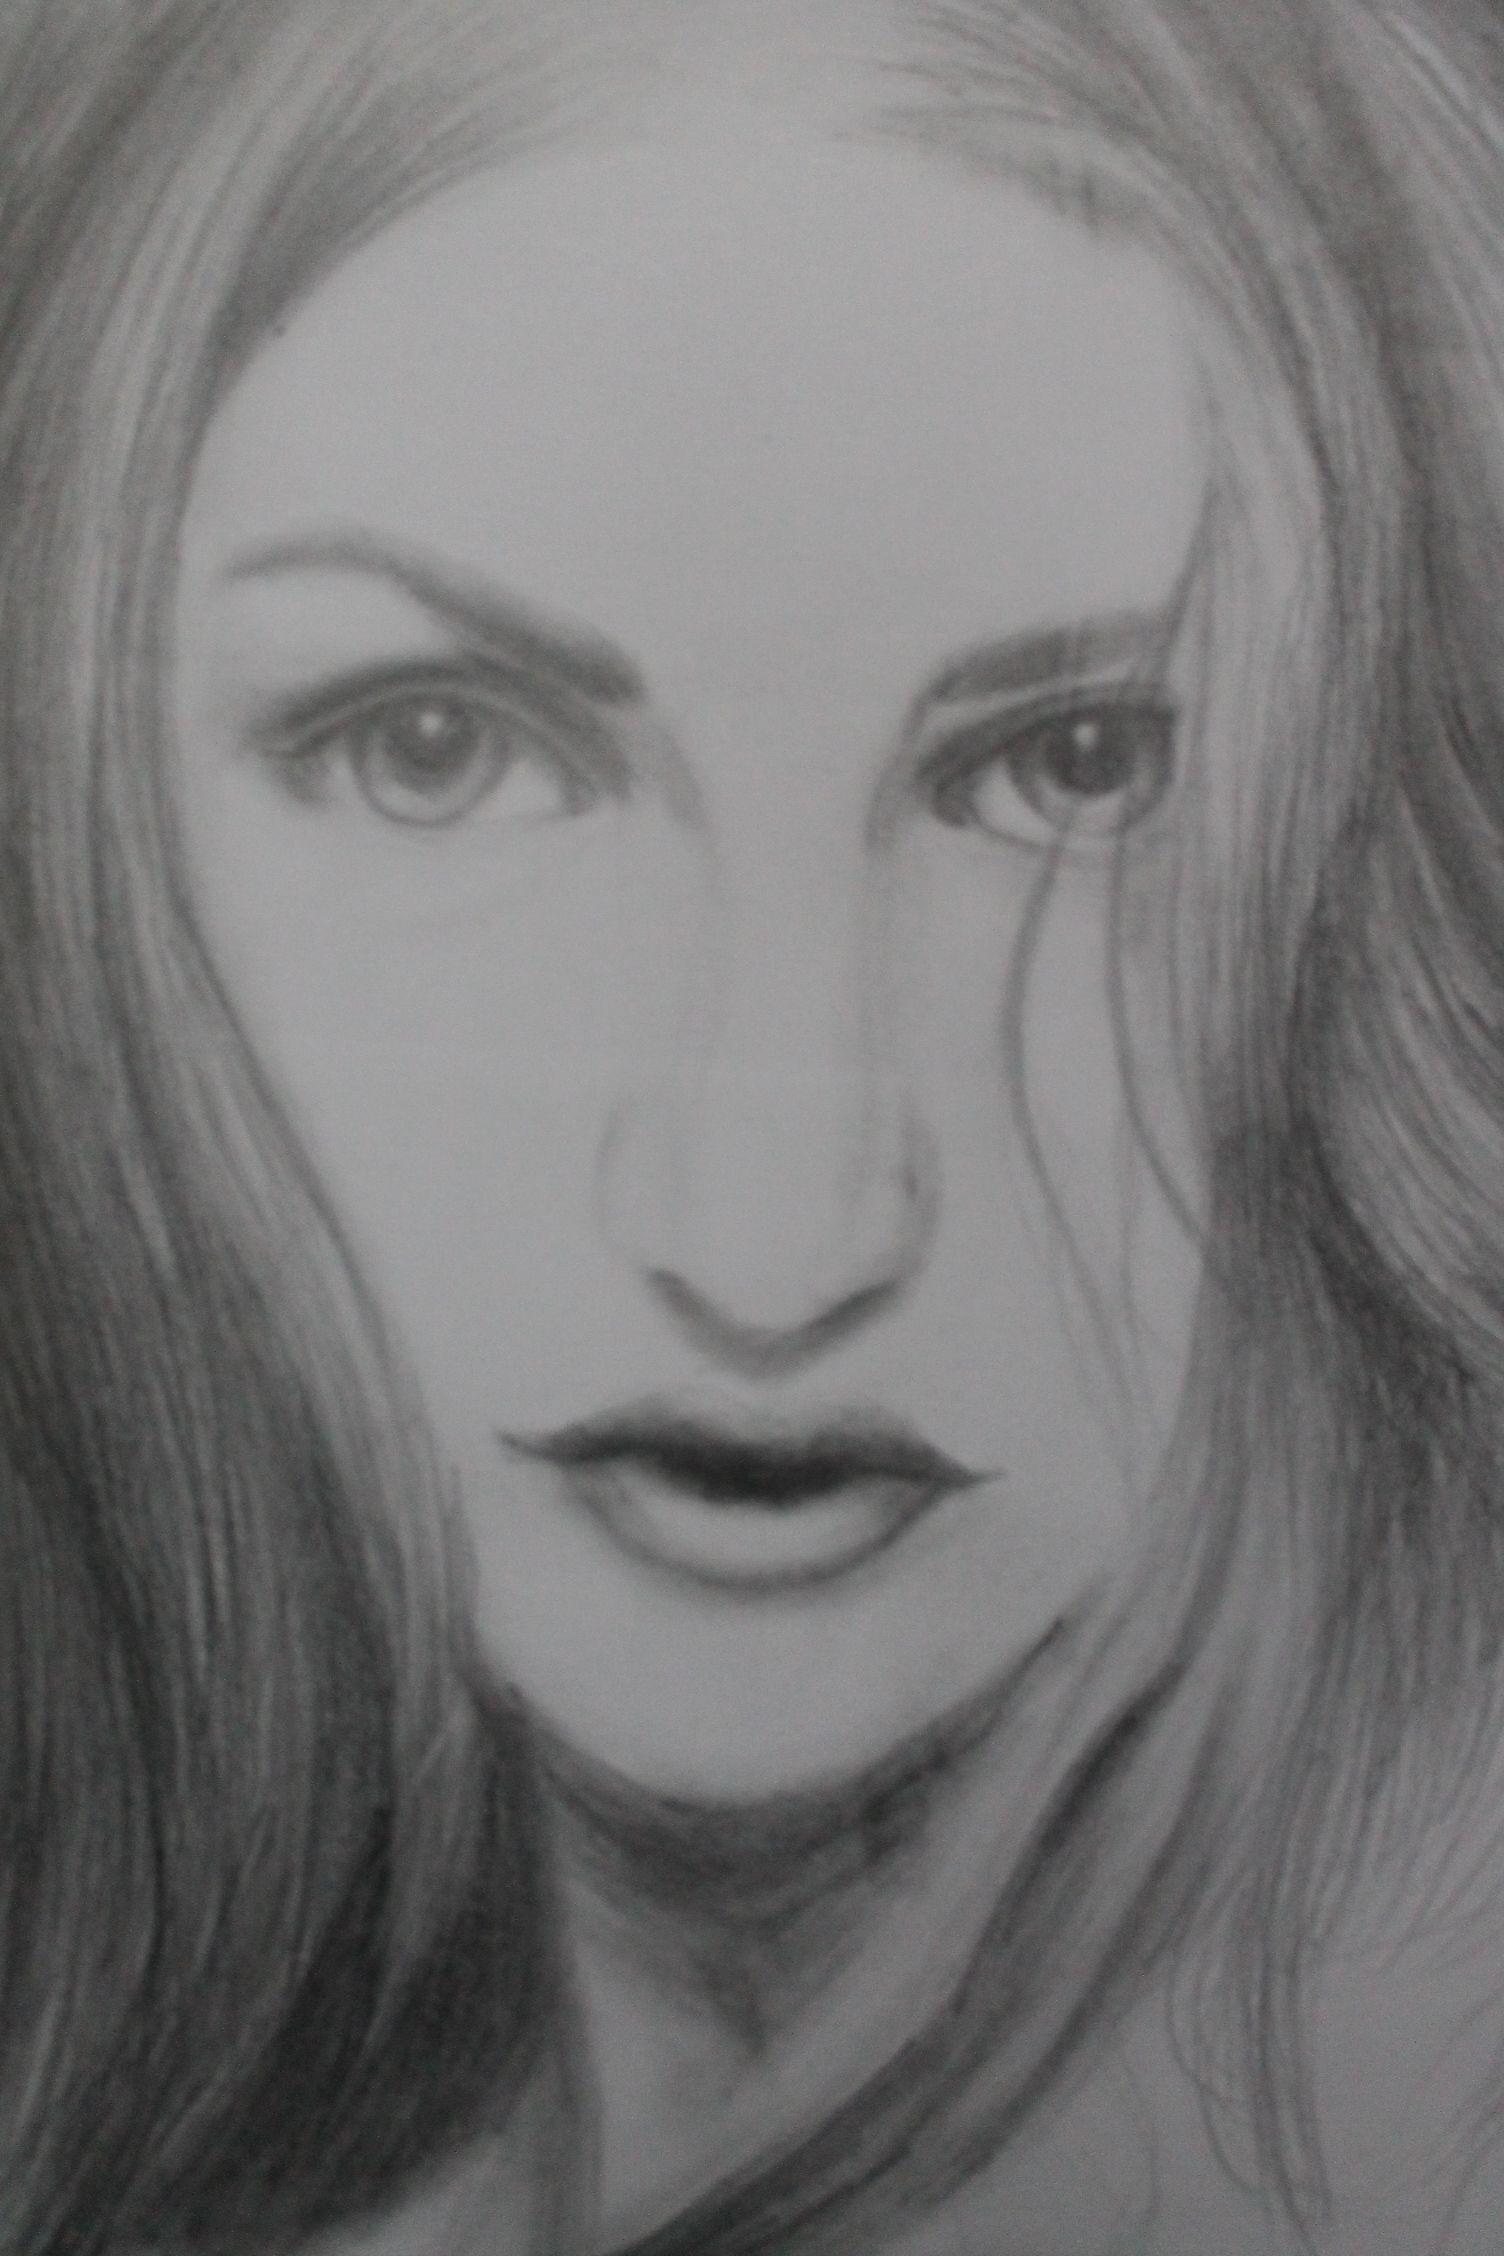 AMO DIBUJAR, realmente me encanta dibujar de muchas cosas. Ya sea rostros humanos, caricaturas, algo de anime (Aunque eso último ya no lo he realizado)  De hecho éste dibujo yo lo hice, es Frances Bean Cobain. Es uno de los dibujos que más me ha gustado.